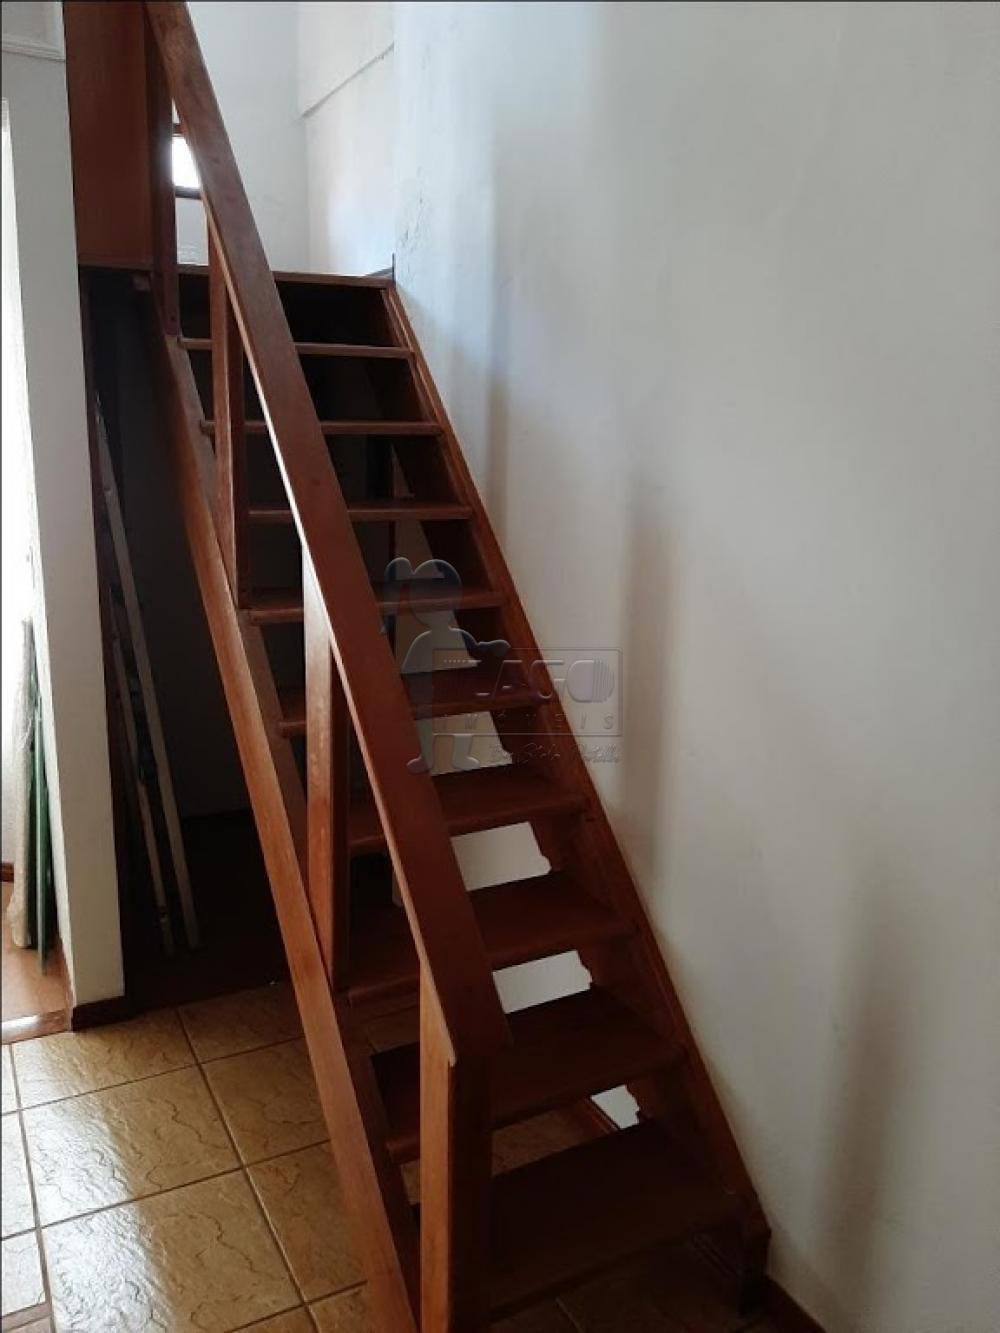 Comprar Casas / Padrão em Ribeirão Preto apenas R$ 490.000,00 - Foto 8